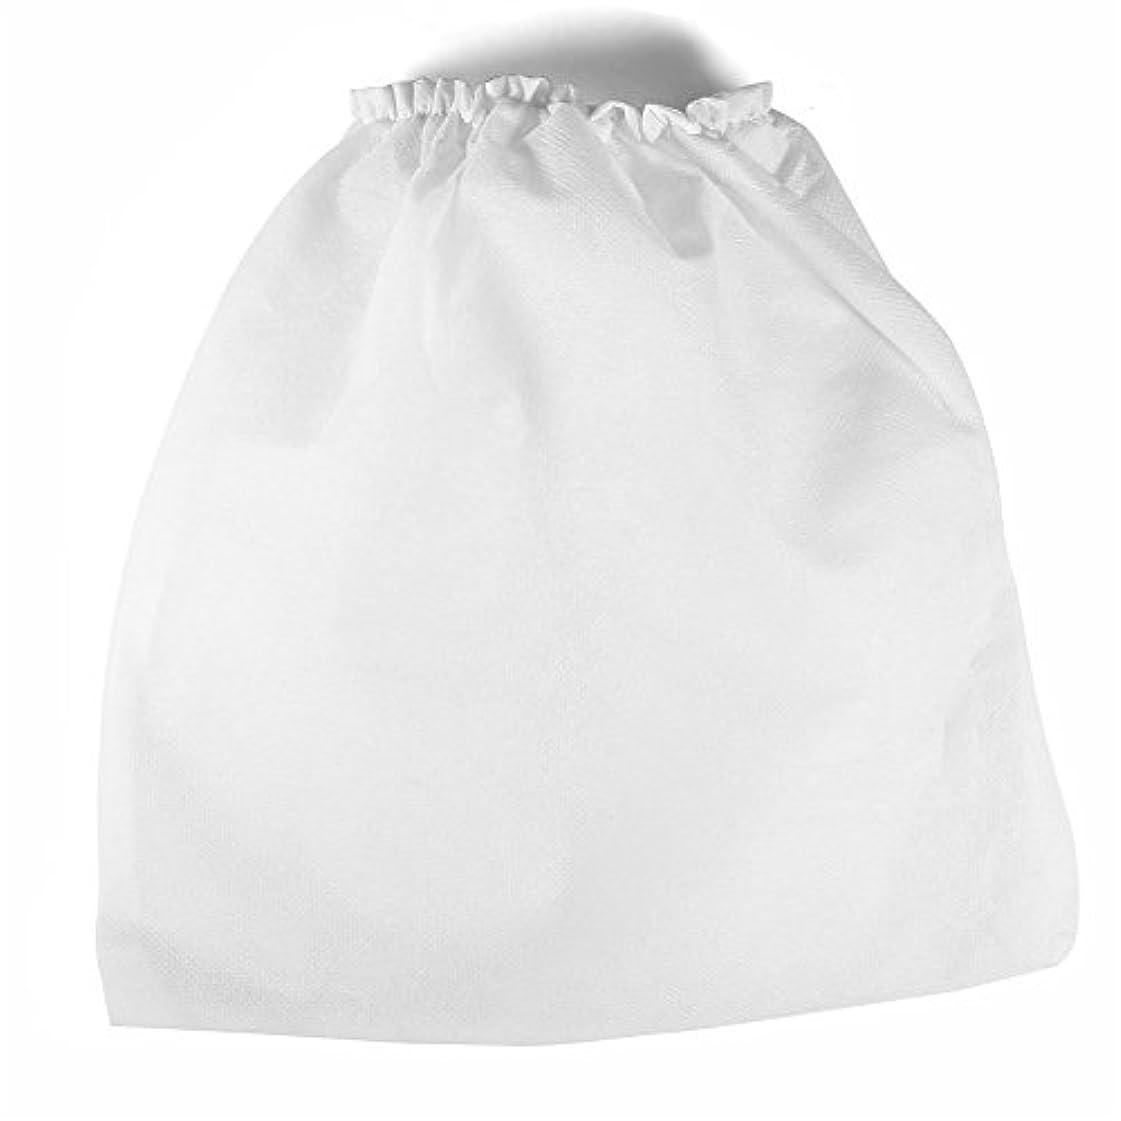 中に自治的家主ネイルアート集塵サロンツール用掃除機バッグ10ピースネイル不織布掃除機交換バッグ